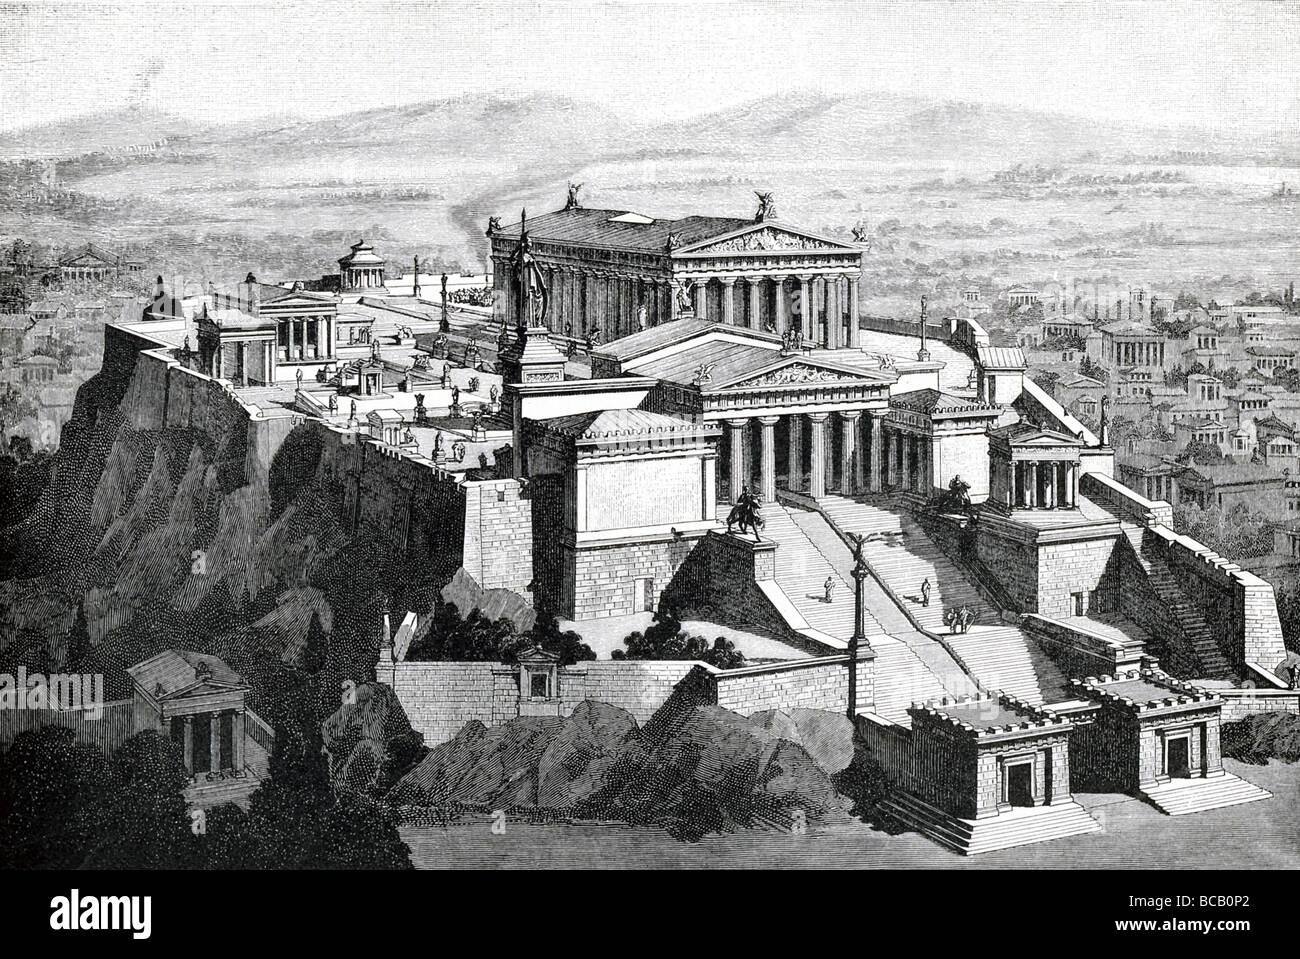 La Acrópolis en Atenas, Grecia, como se veía en los tiempos antiguos, con el Partenón y otros edificios Imagen De Stock